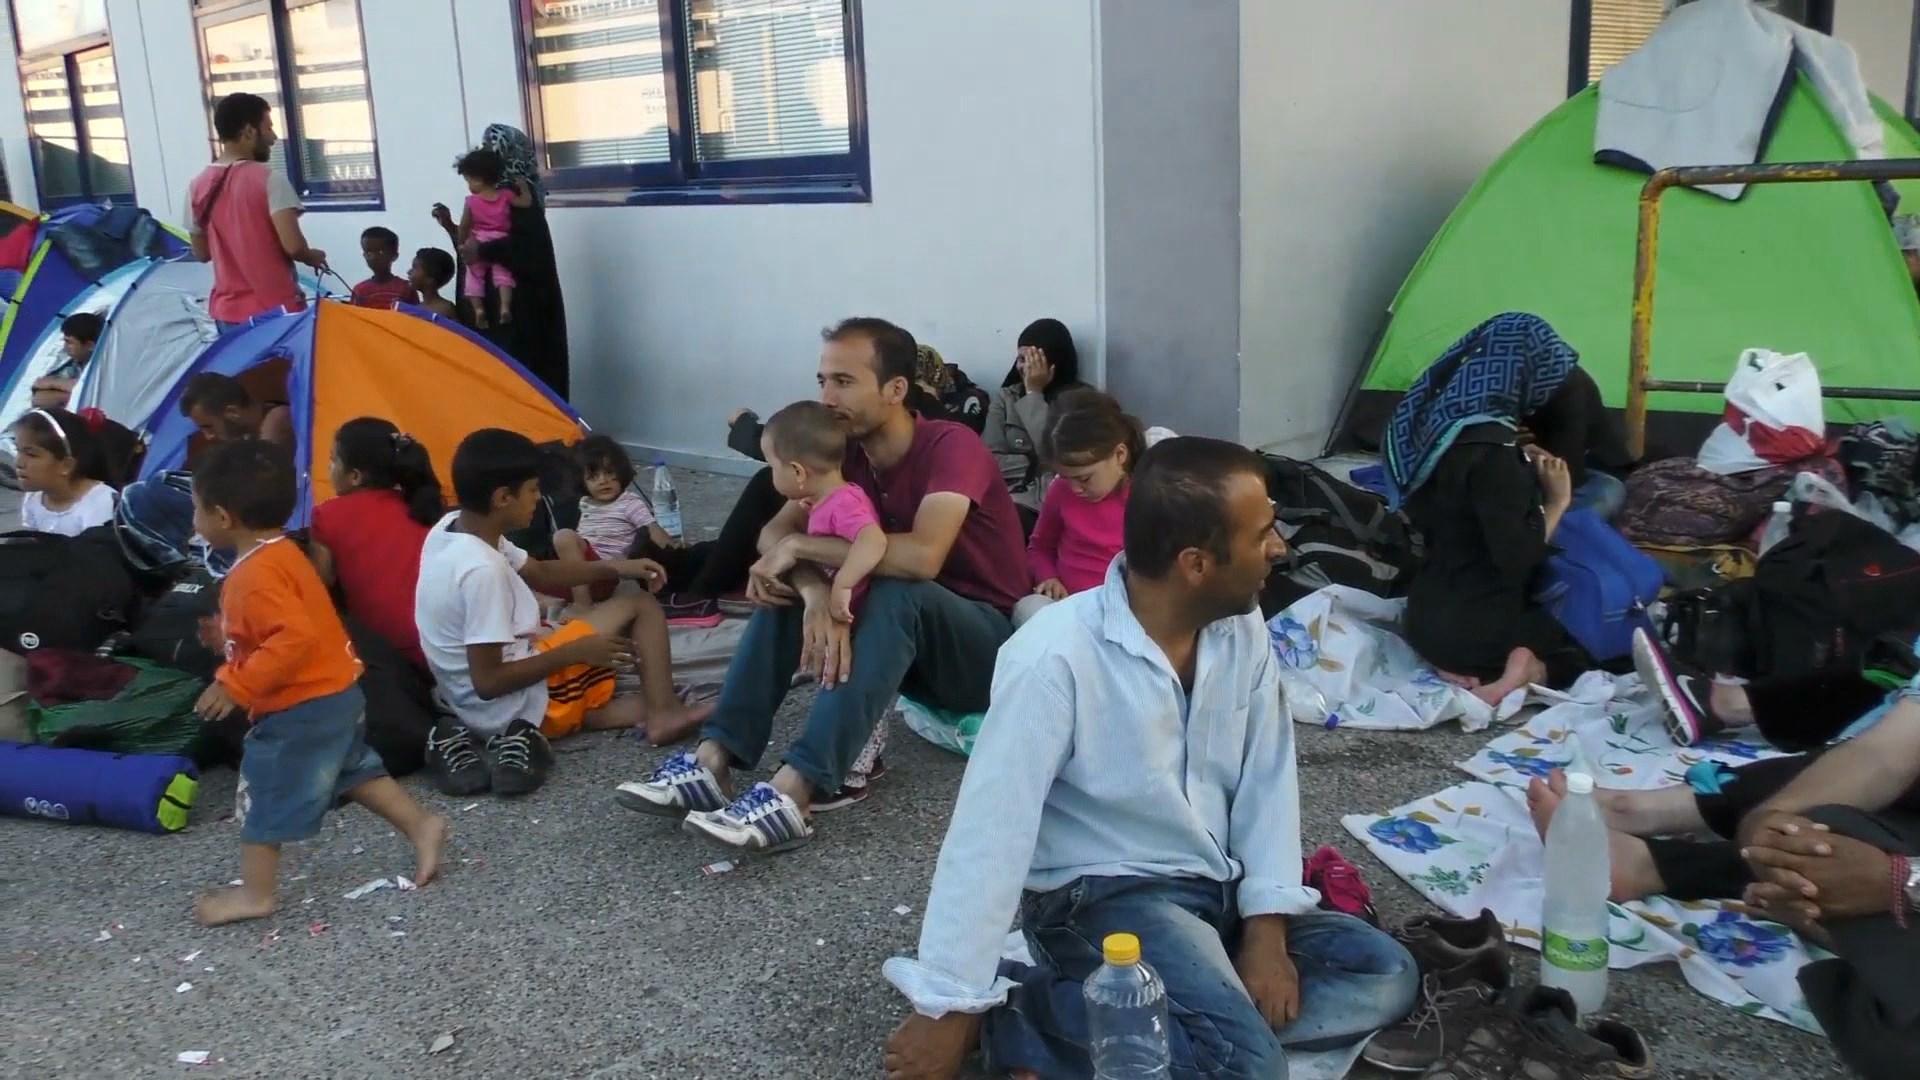 Qeveria greke i jep prioritet trajtimit të flukseve të emigrantëve dhe refugjatëve